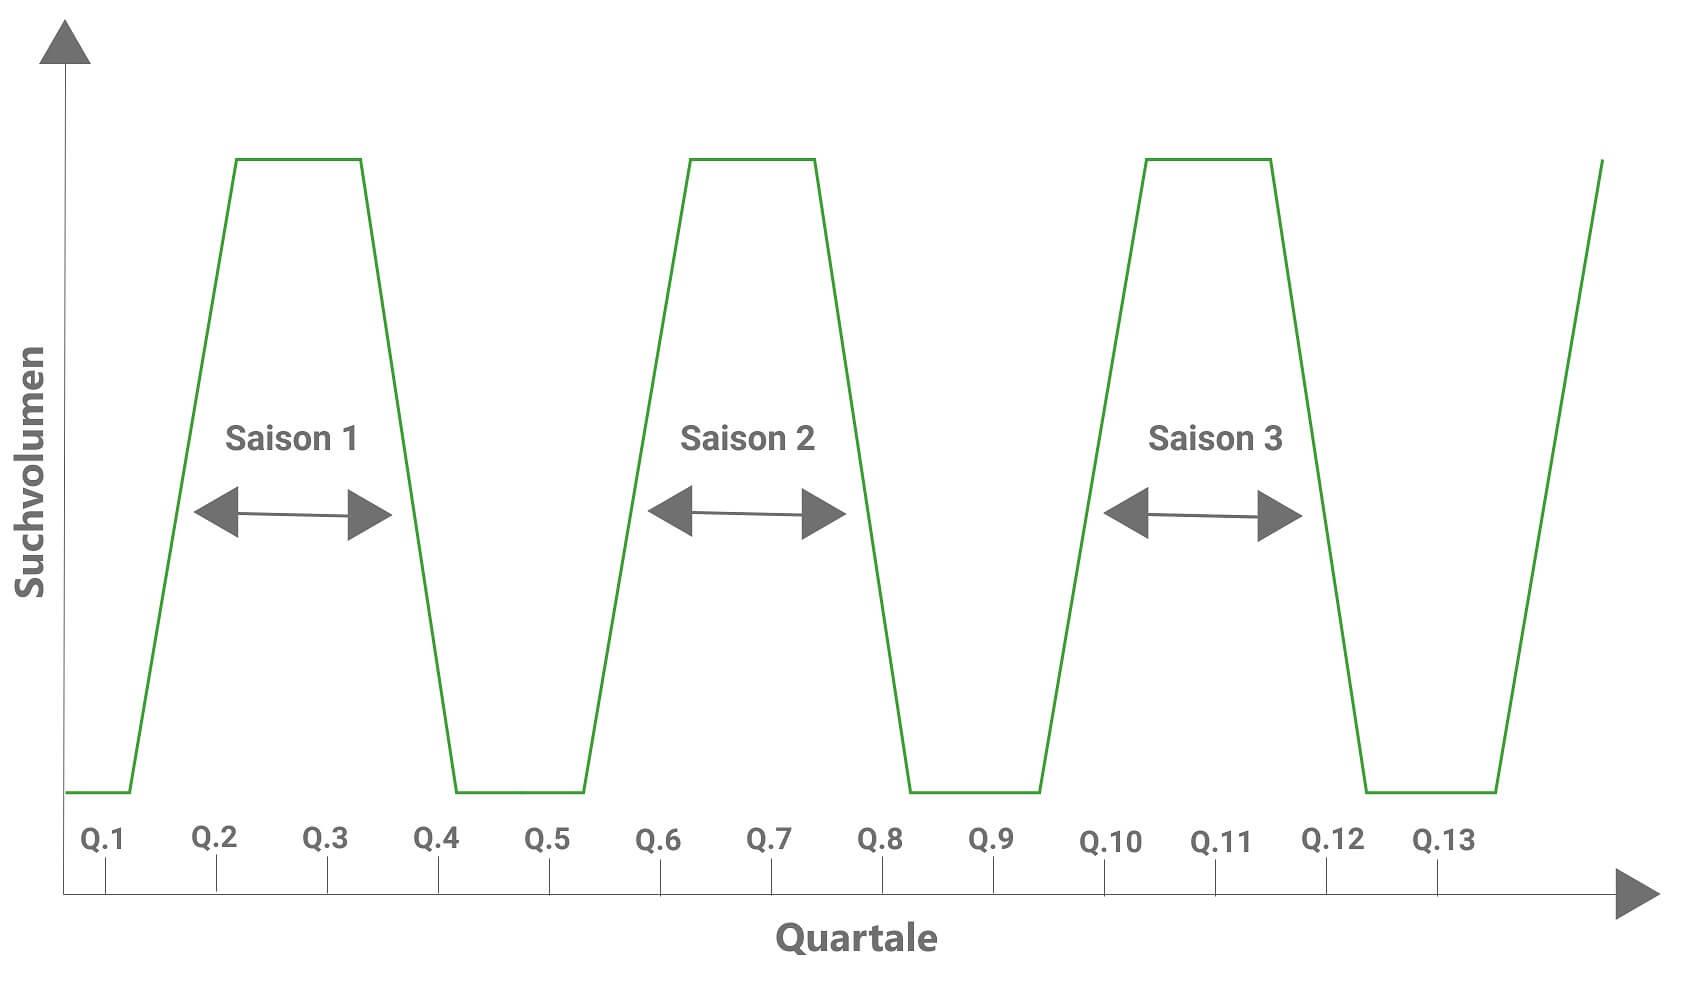 Vergleichen Sie Ihre saisonalen SEO-Maßnahmen miteinander